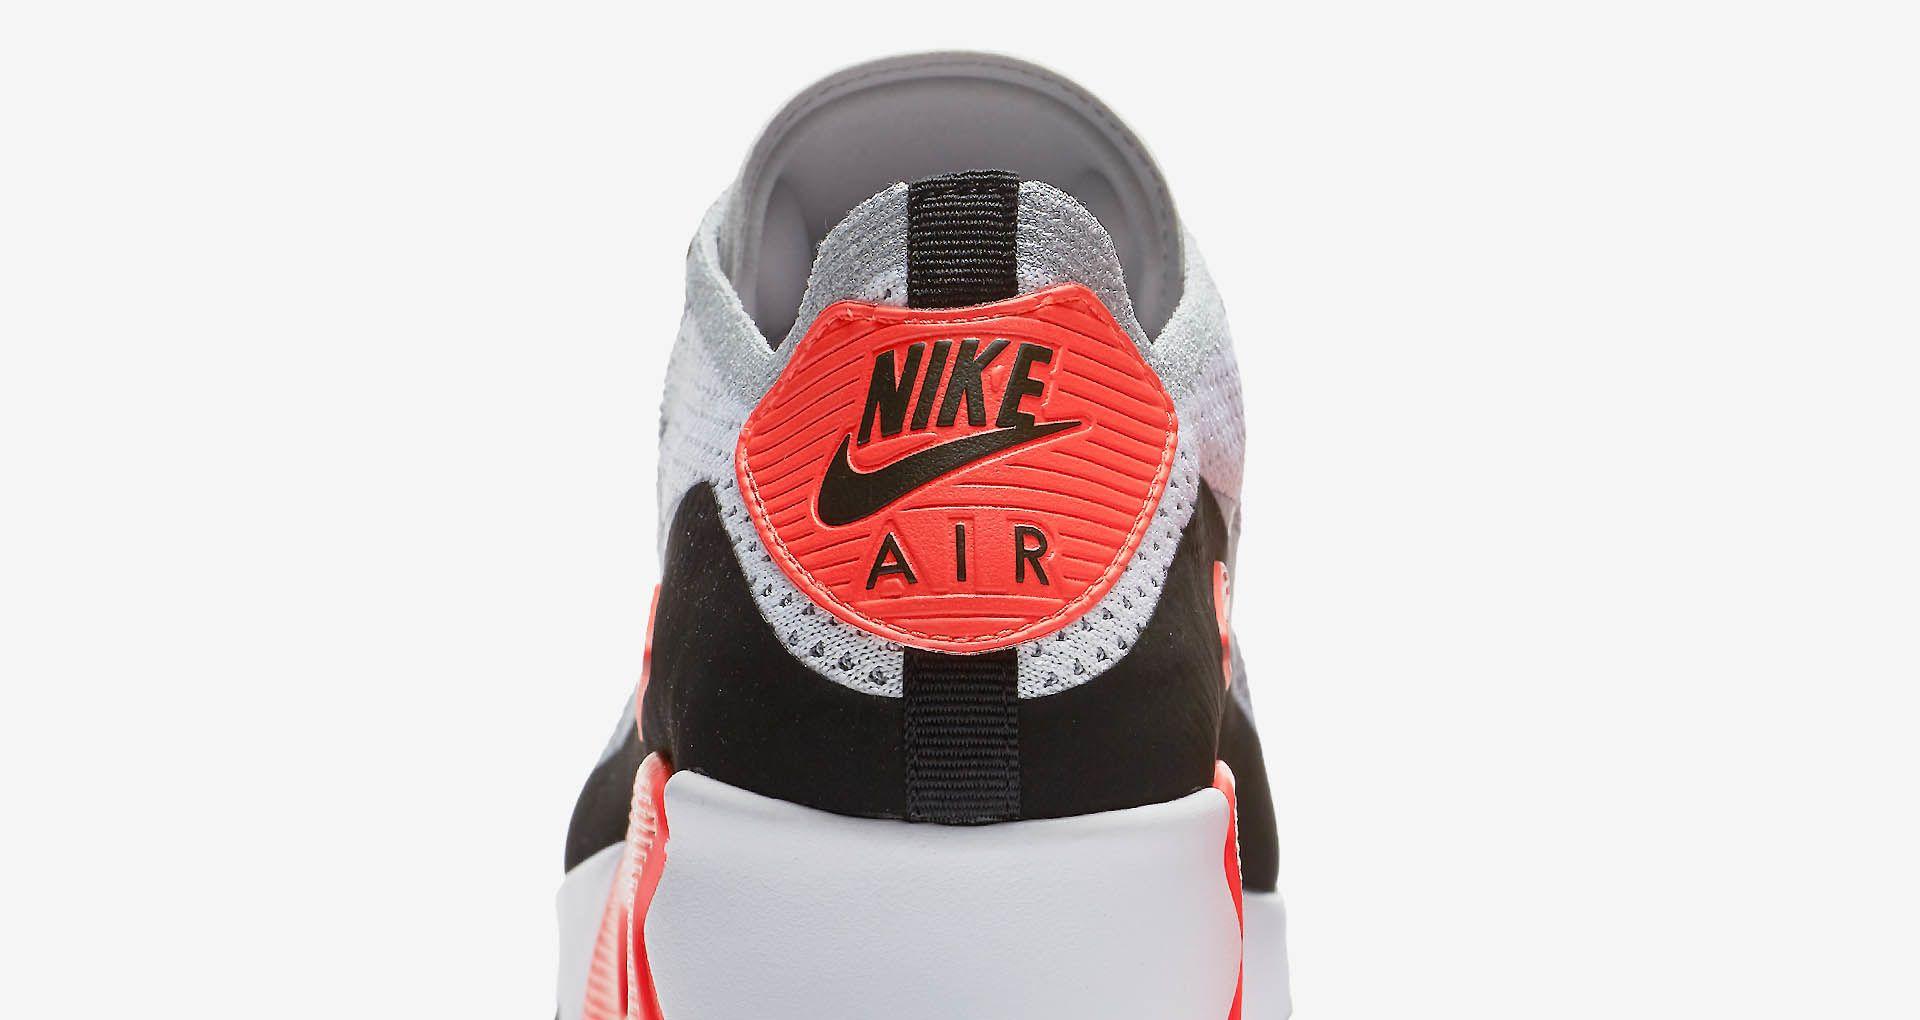 nike air max 90 flyknit foot locker